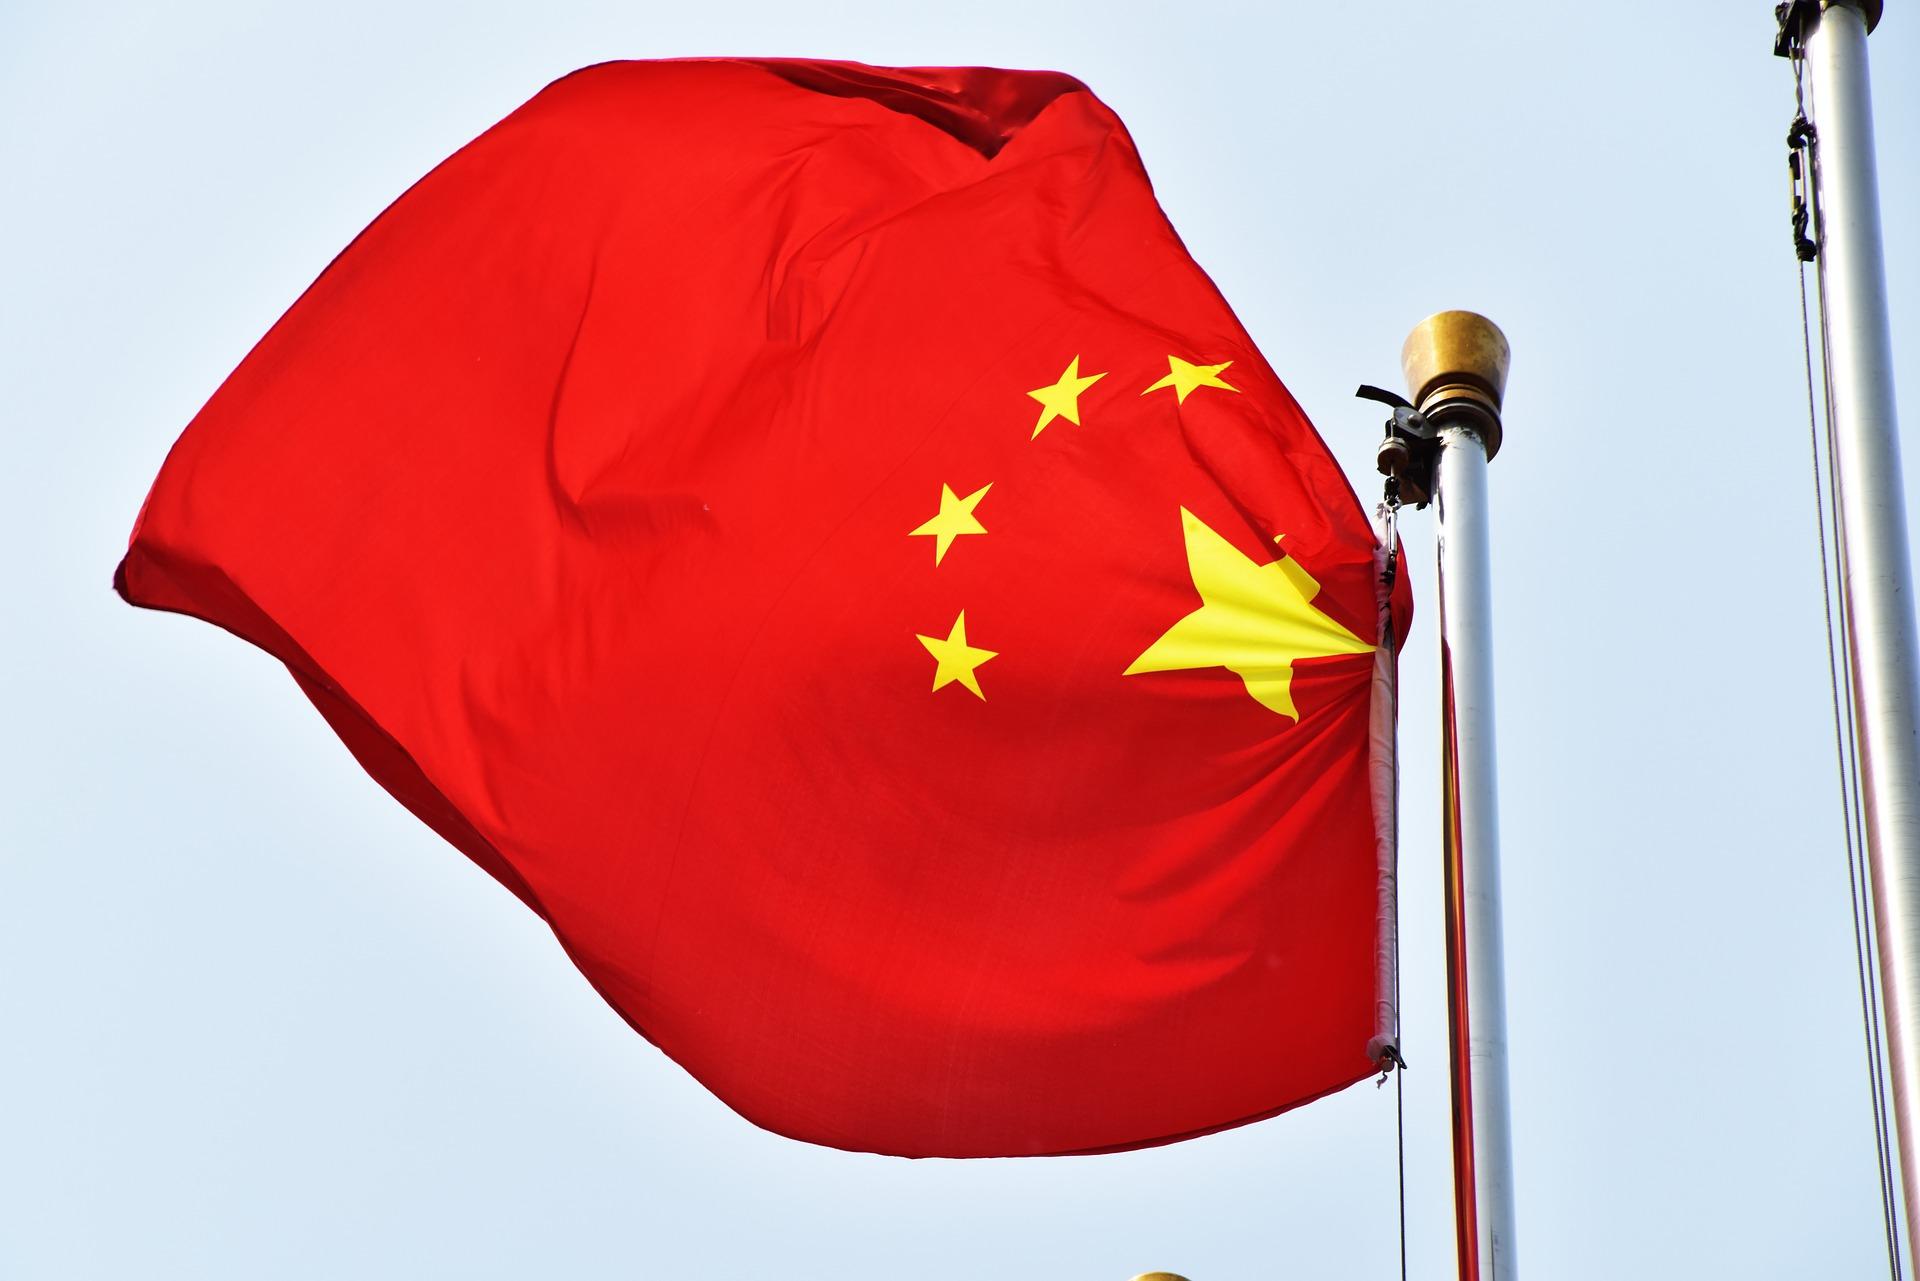 Магалецька: Ринок Китаю цікавий фактично для будь-якої галузі українського сільського господарства